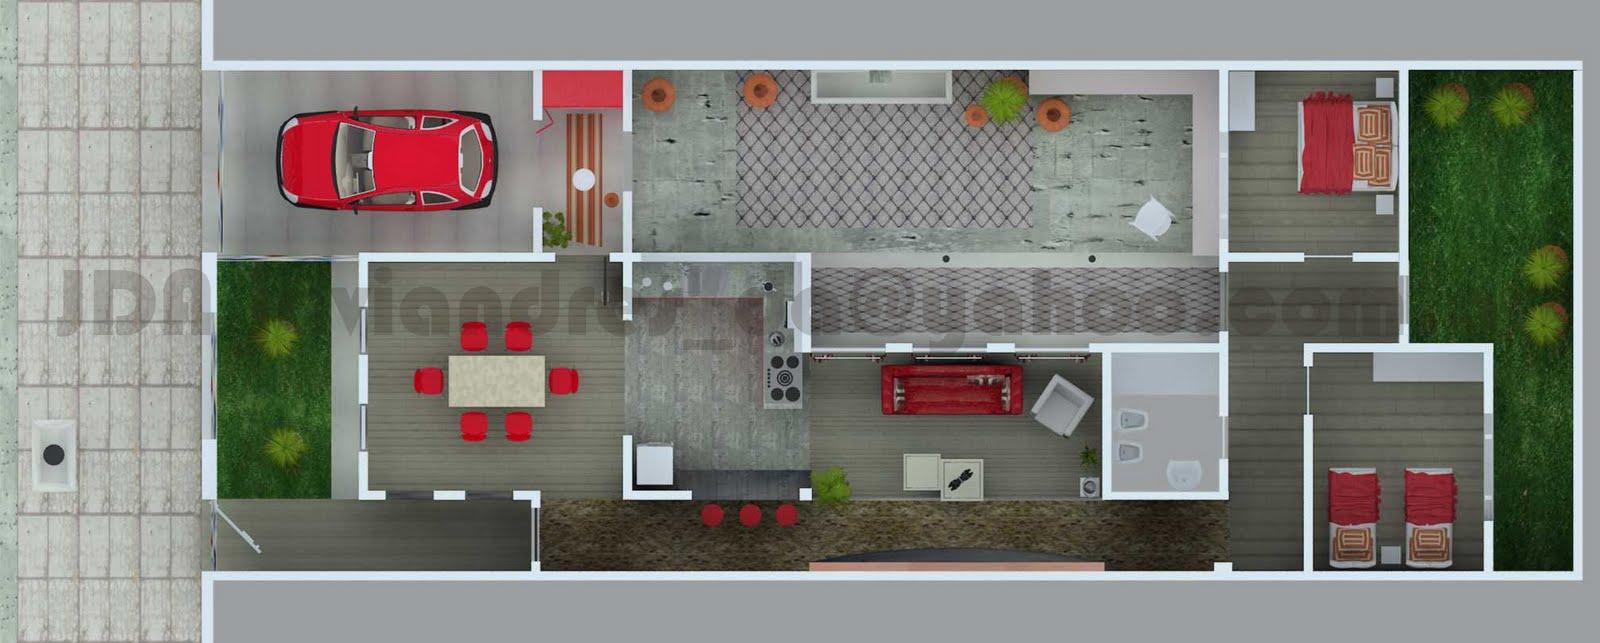 Arquitec maquetas remodelaci n 3d casa chorizo en baires for Casas viejas remodeladas